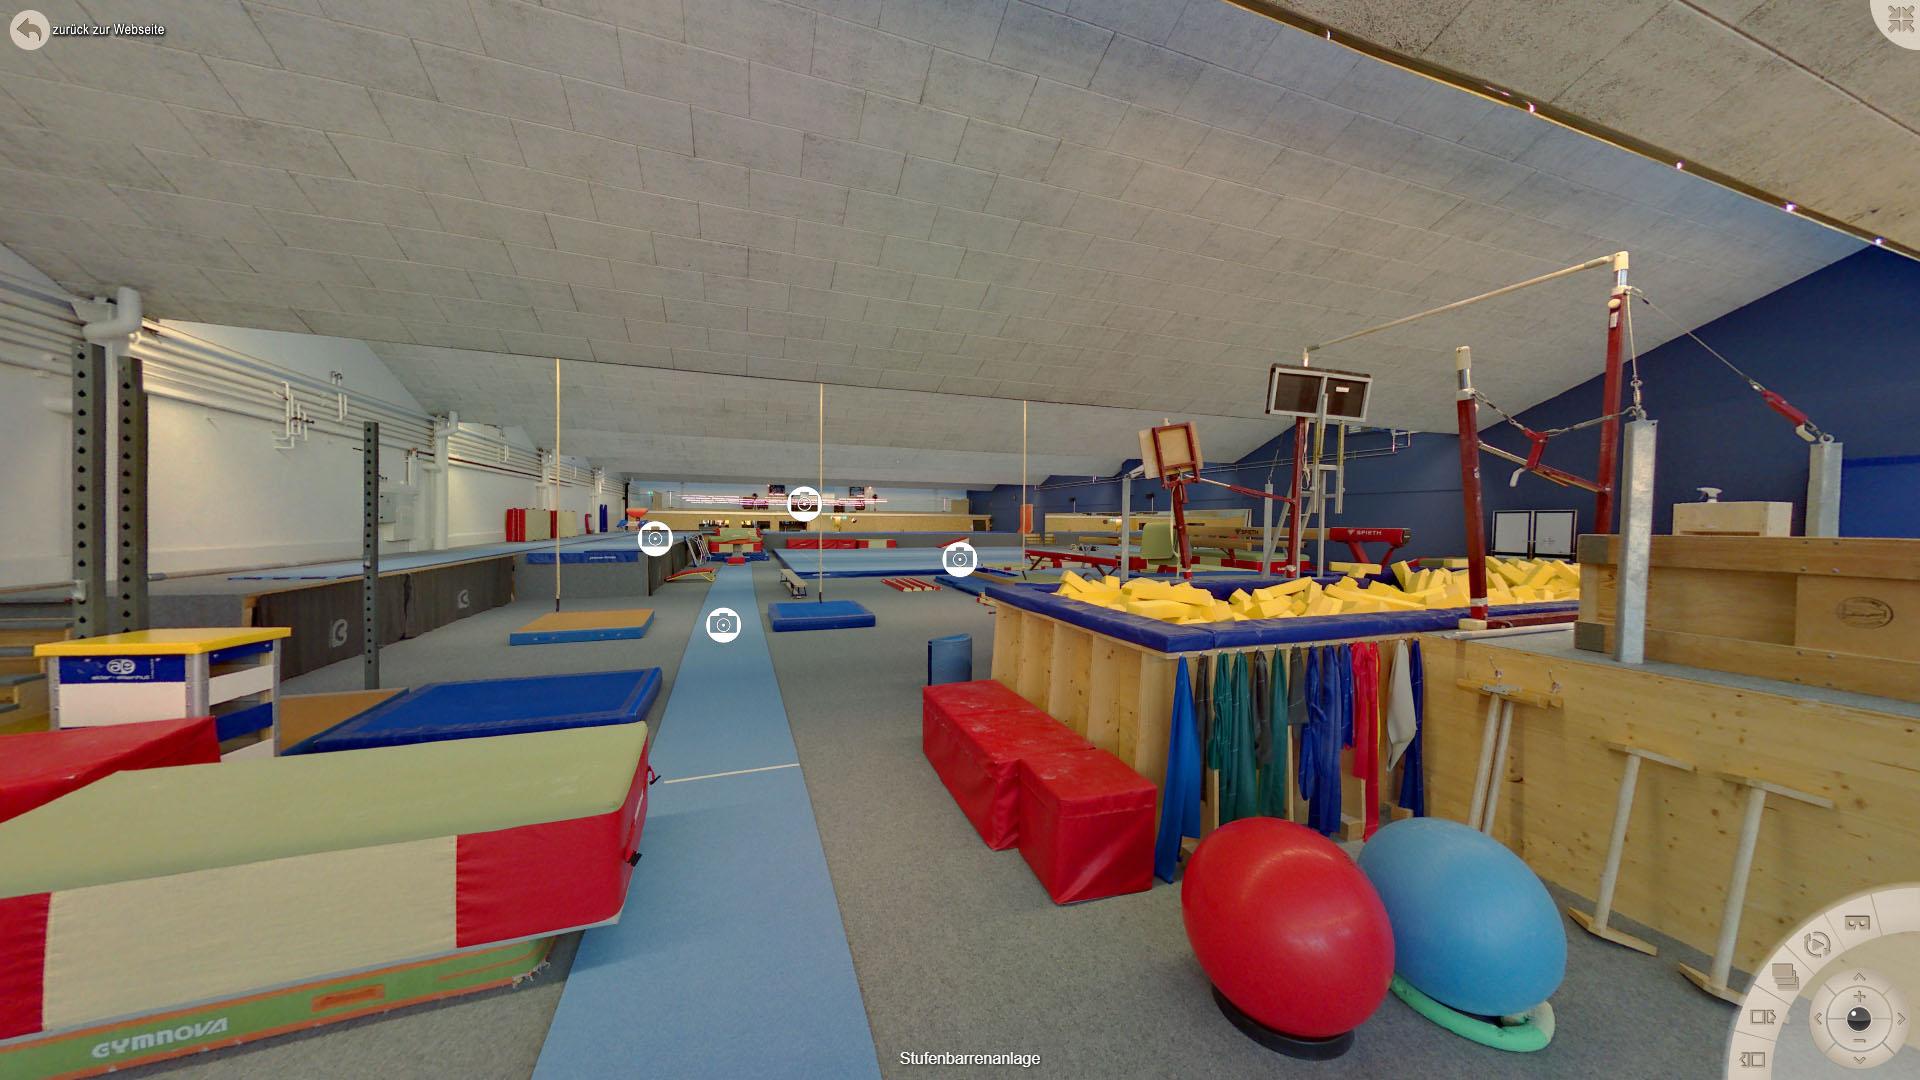 NFF Gymnastics Zuerich Stufenbarrenanlage